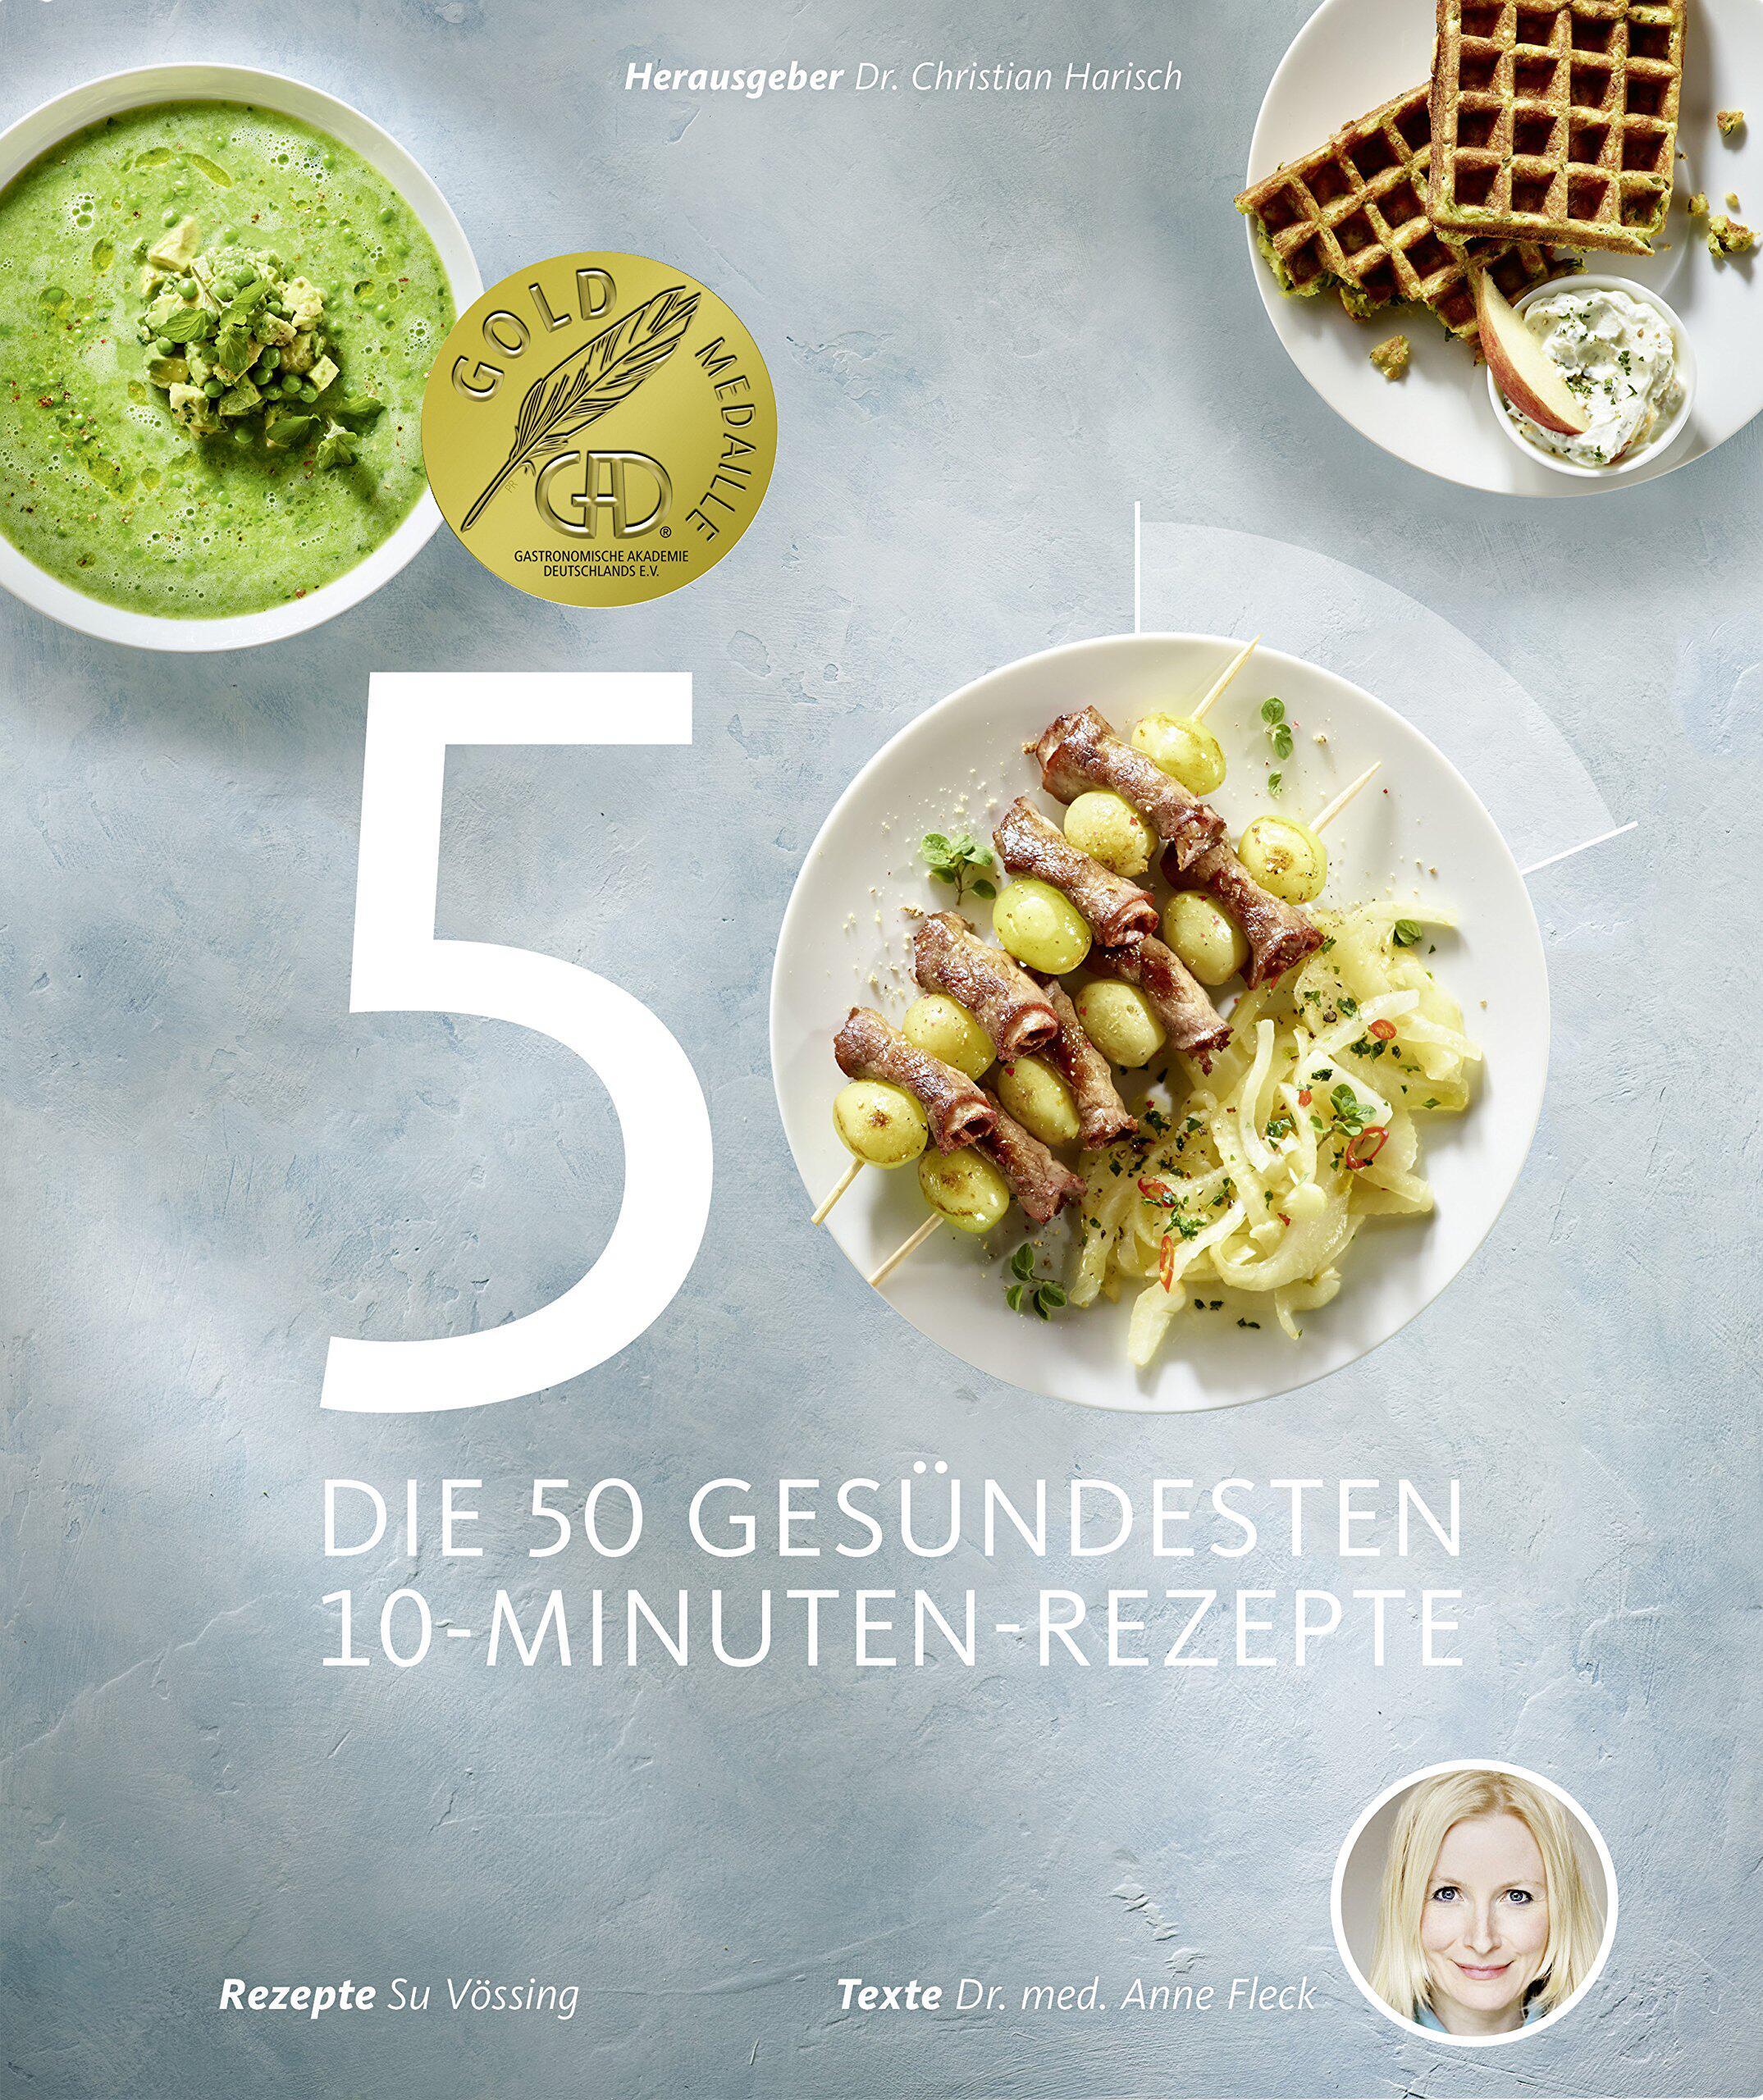 Bild zu kochen kochbuch, essen, gesunde ernährung, schnelle gerichte, jamie oliver, vegetarisch, vegan